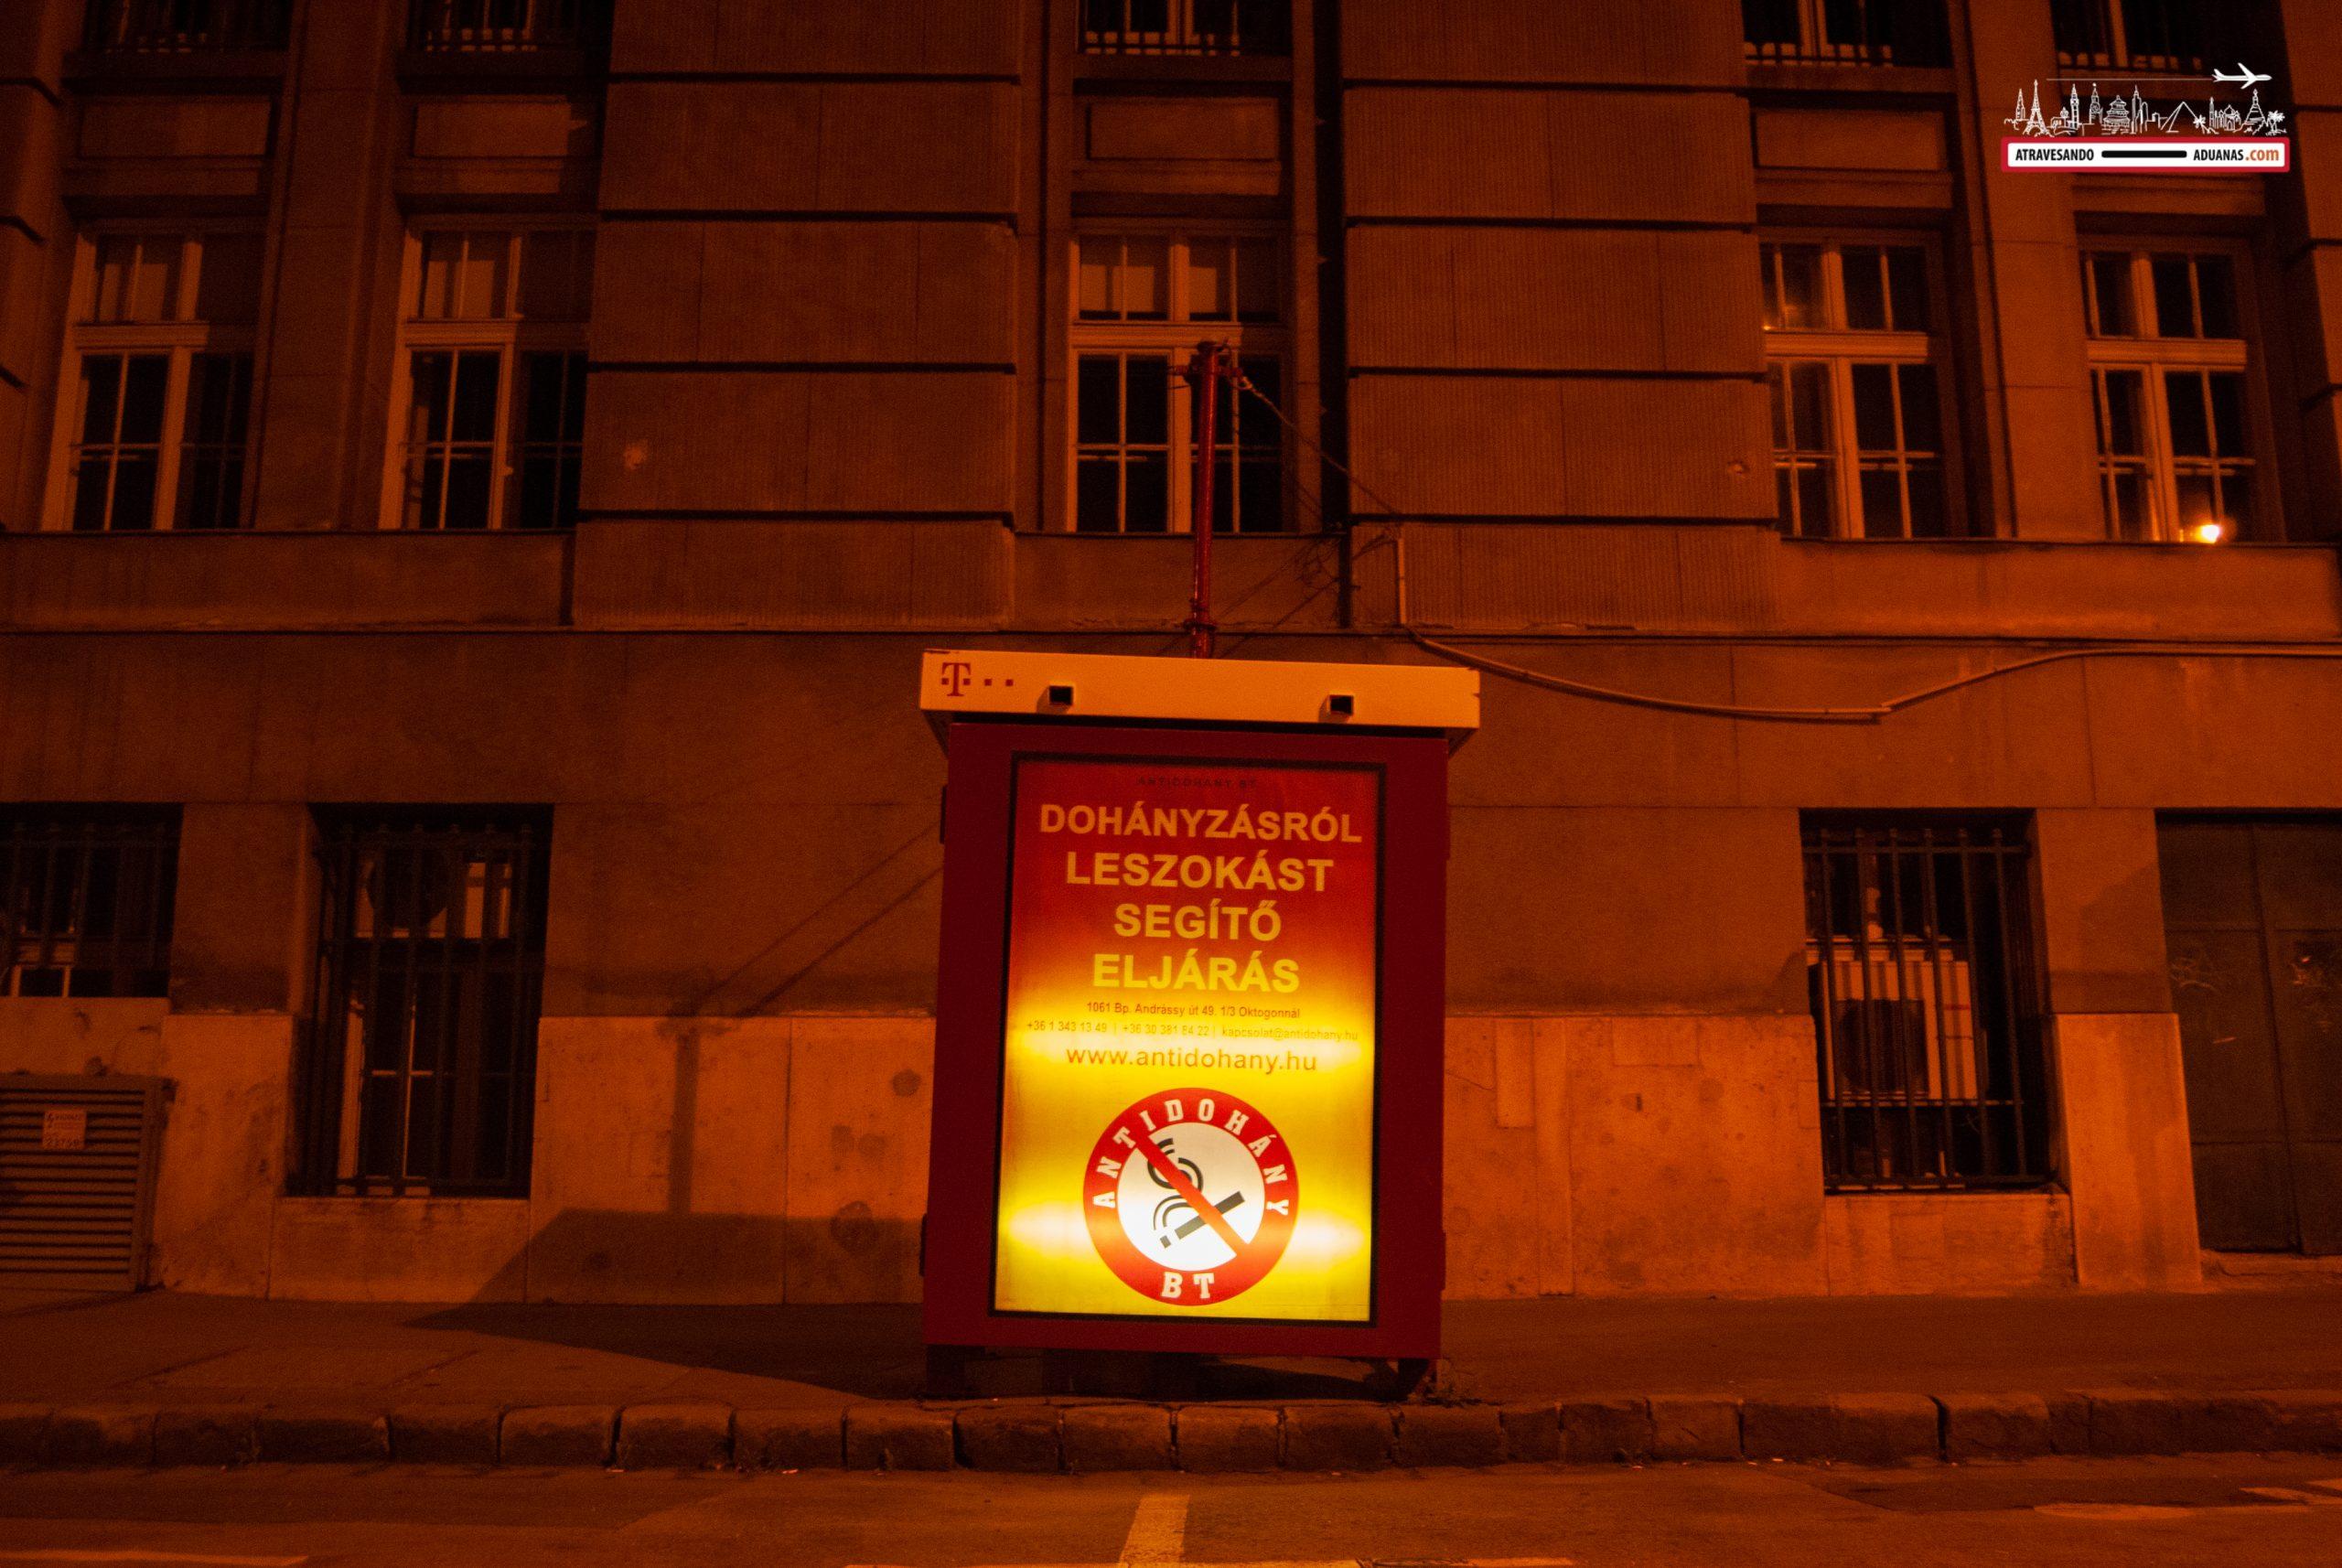 Centro de Budapdest por la noche